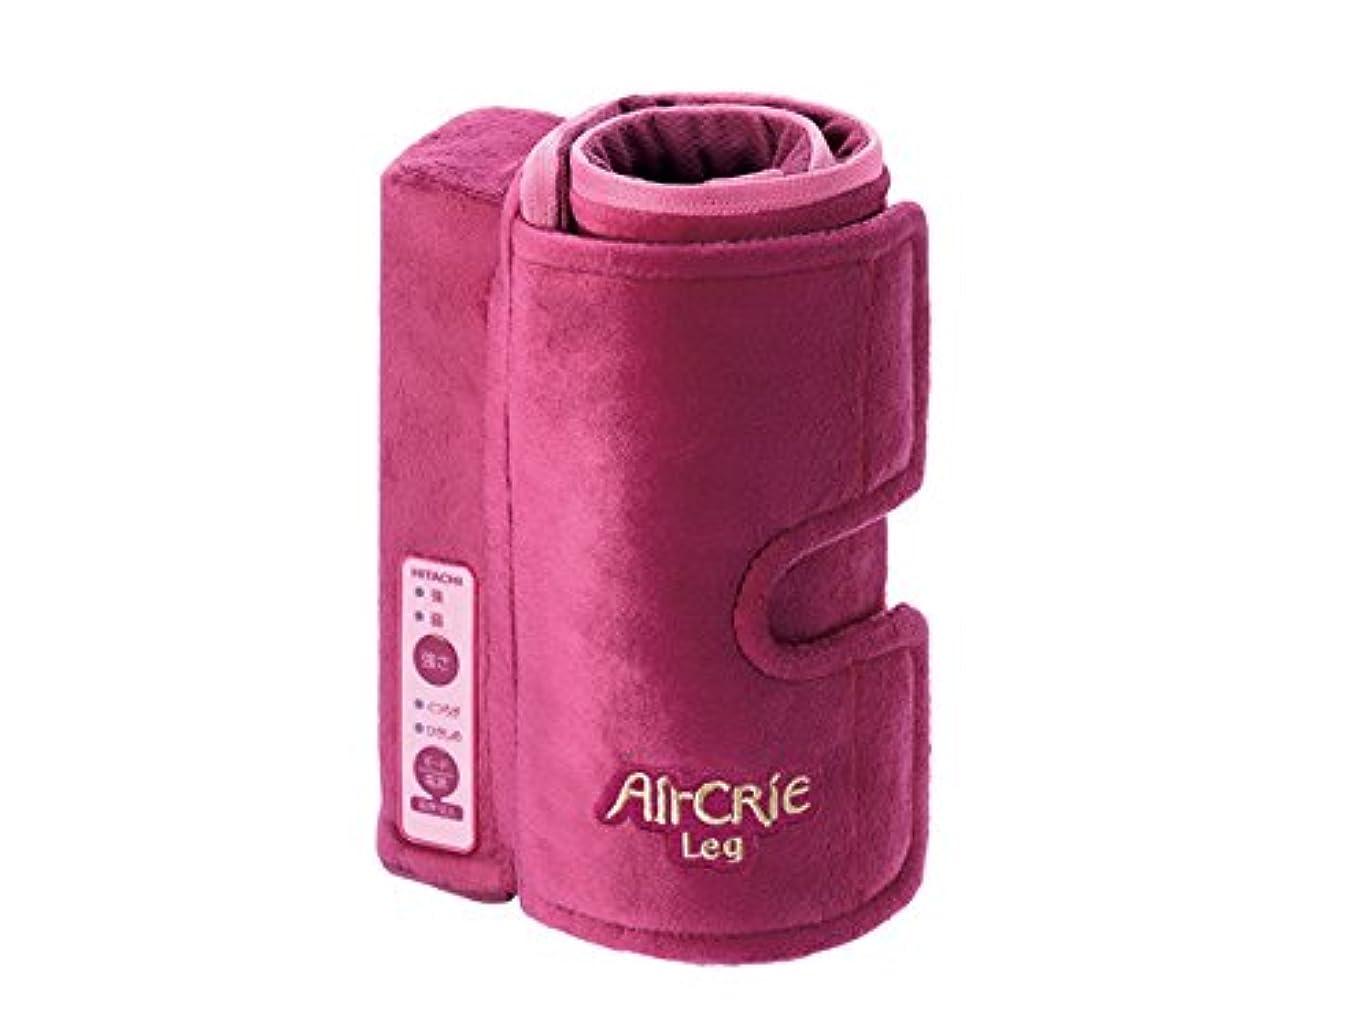 臭いアマゾンジャングルやめる日立 エアマッサージャー ワインレッドHITACHI エアクリエ レッグ HK-F100-R